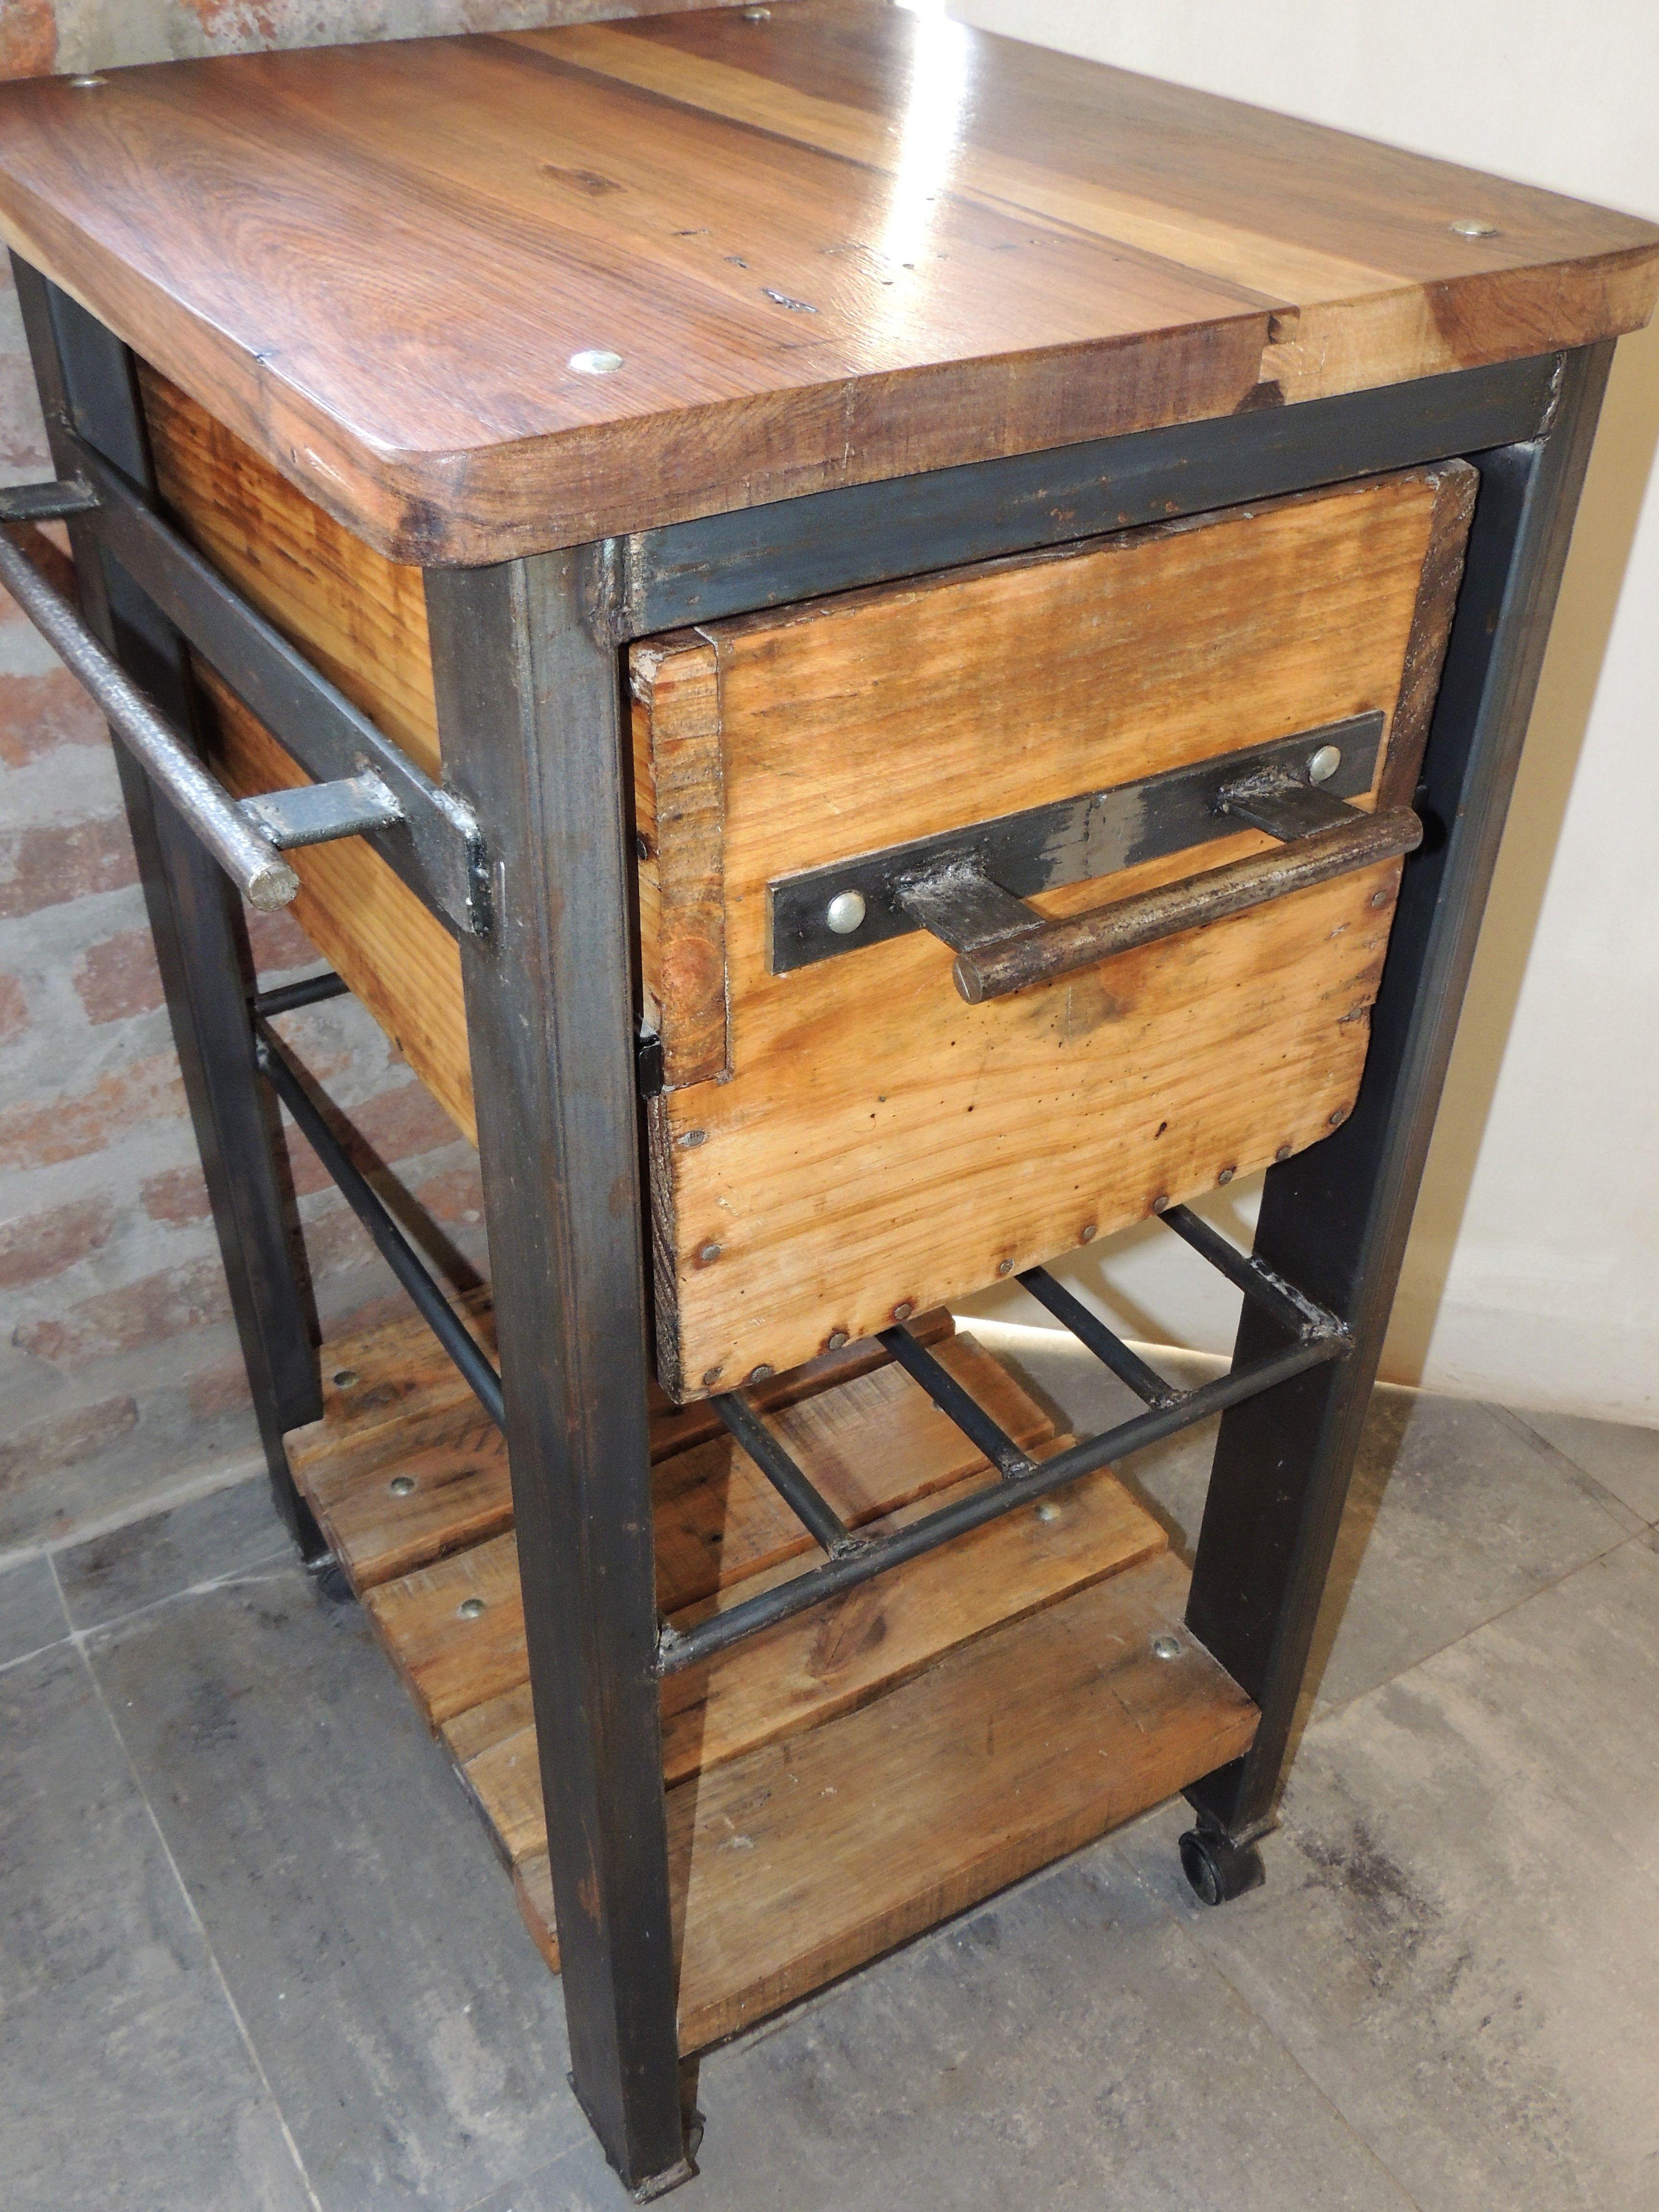 Mueble de dise o industrial para cocina en hierro y madera for Muebles de diseno industrial